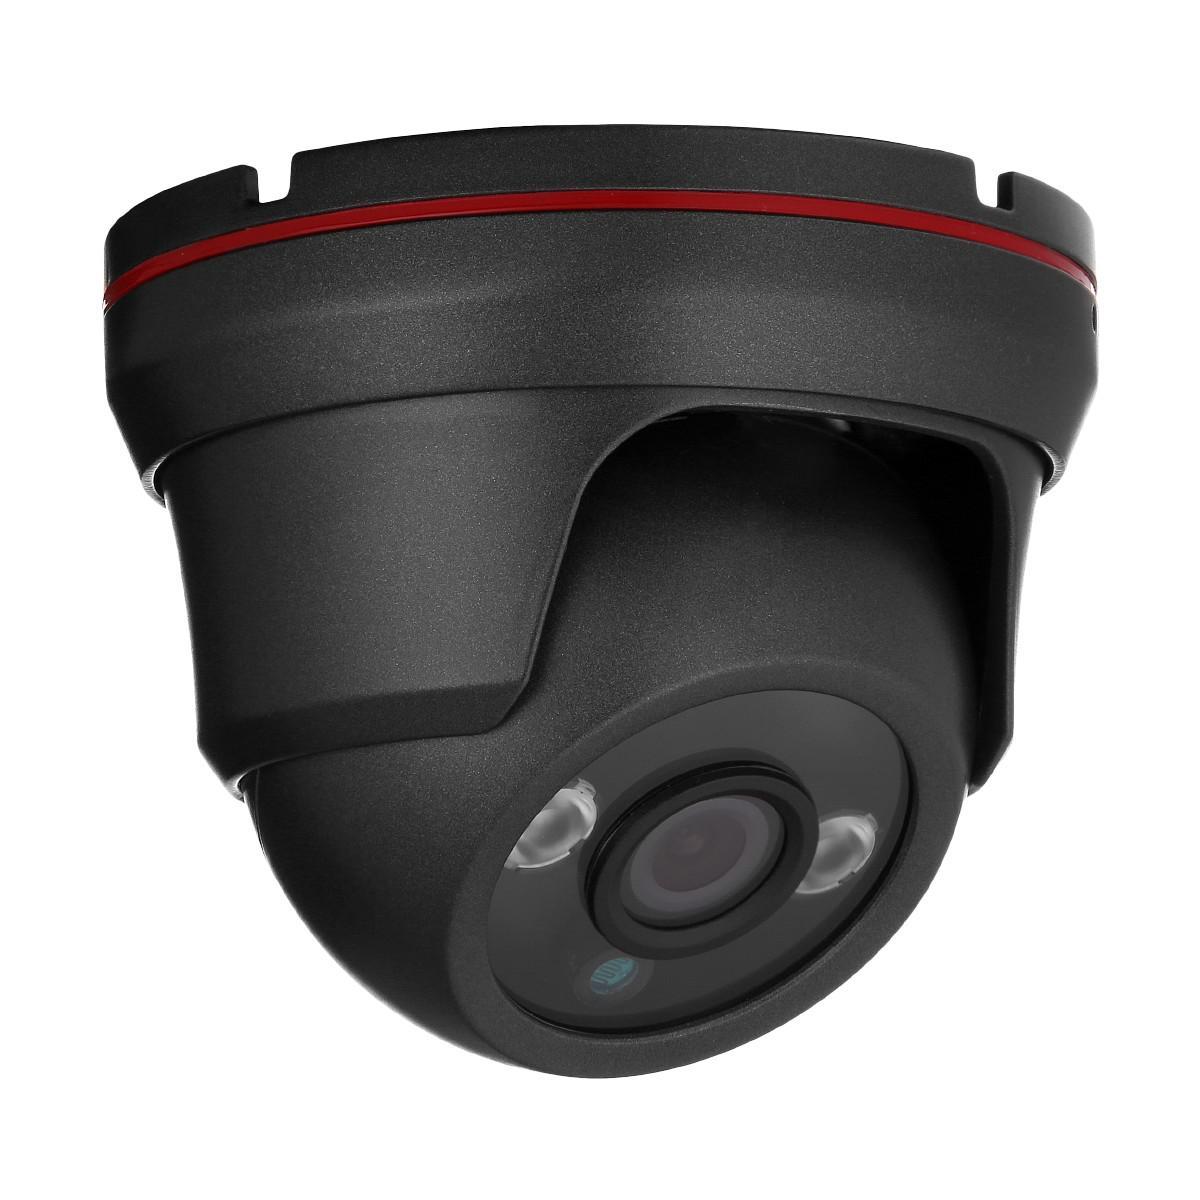 Фото - Камера видеонаблюдения Redline Rl-hd1080cl35-3.6b видео